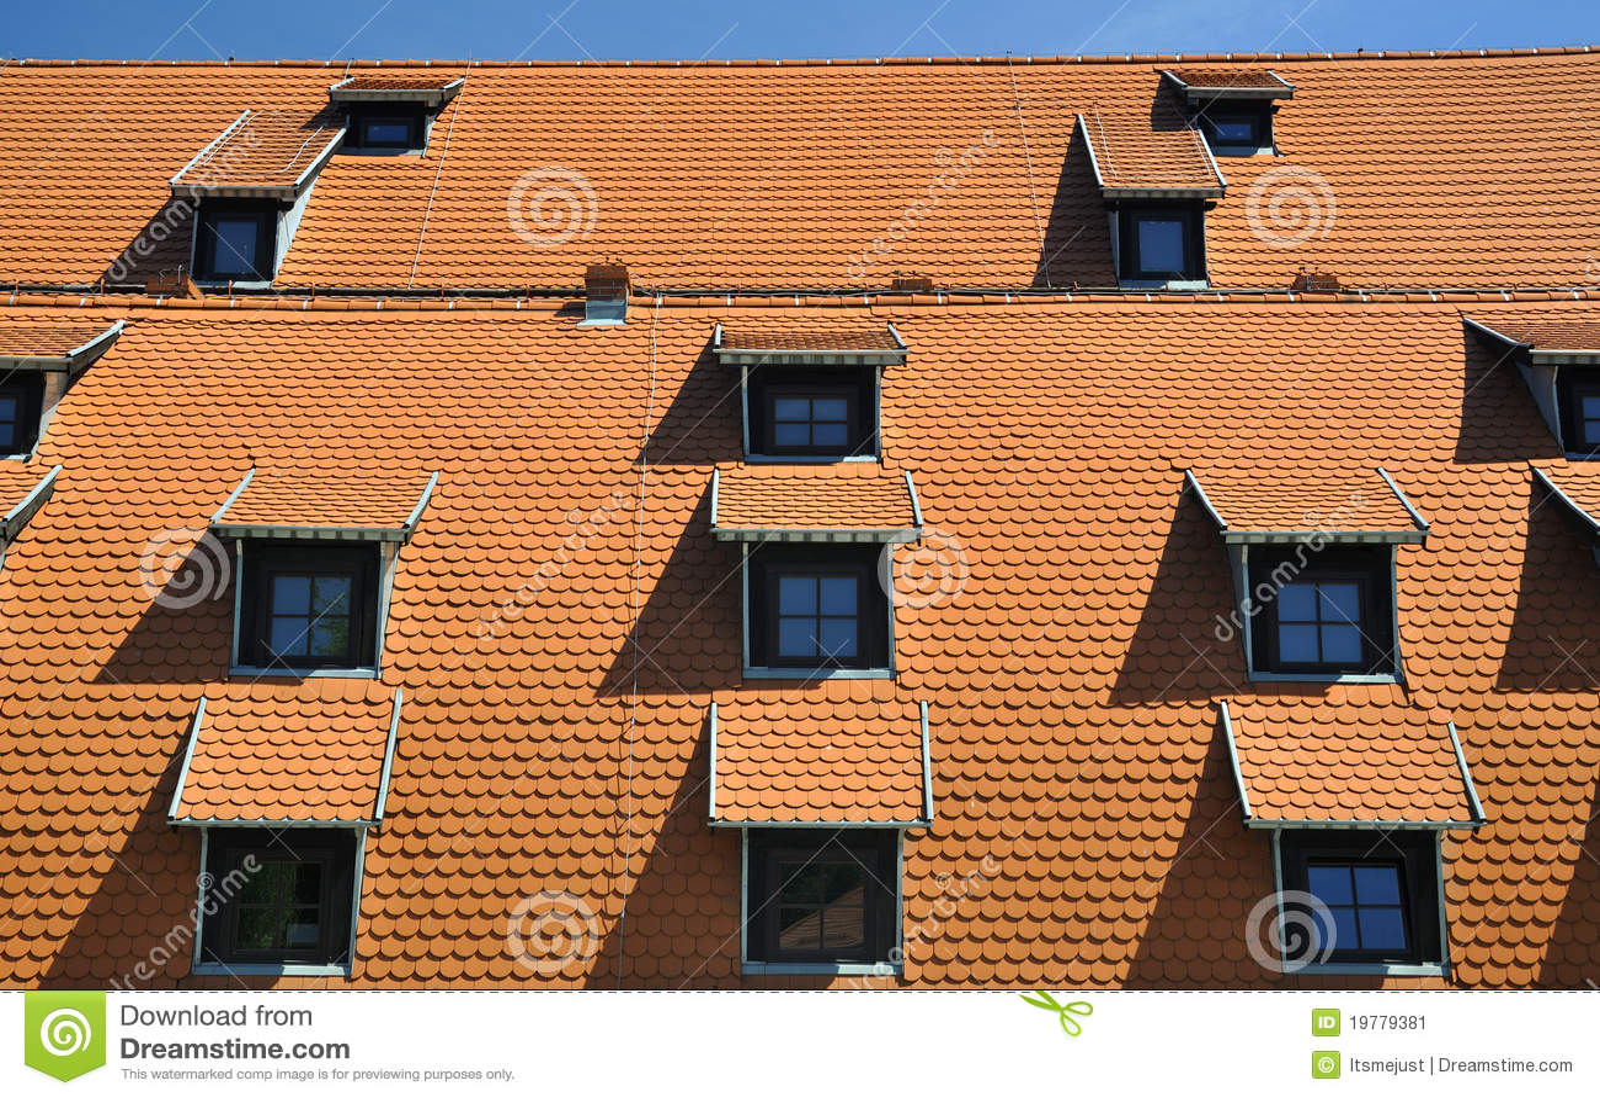 Röda taktegelplattor